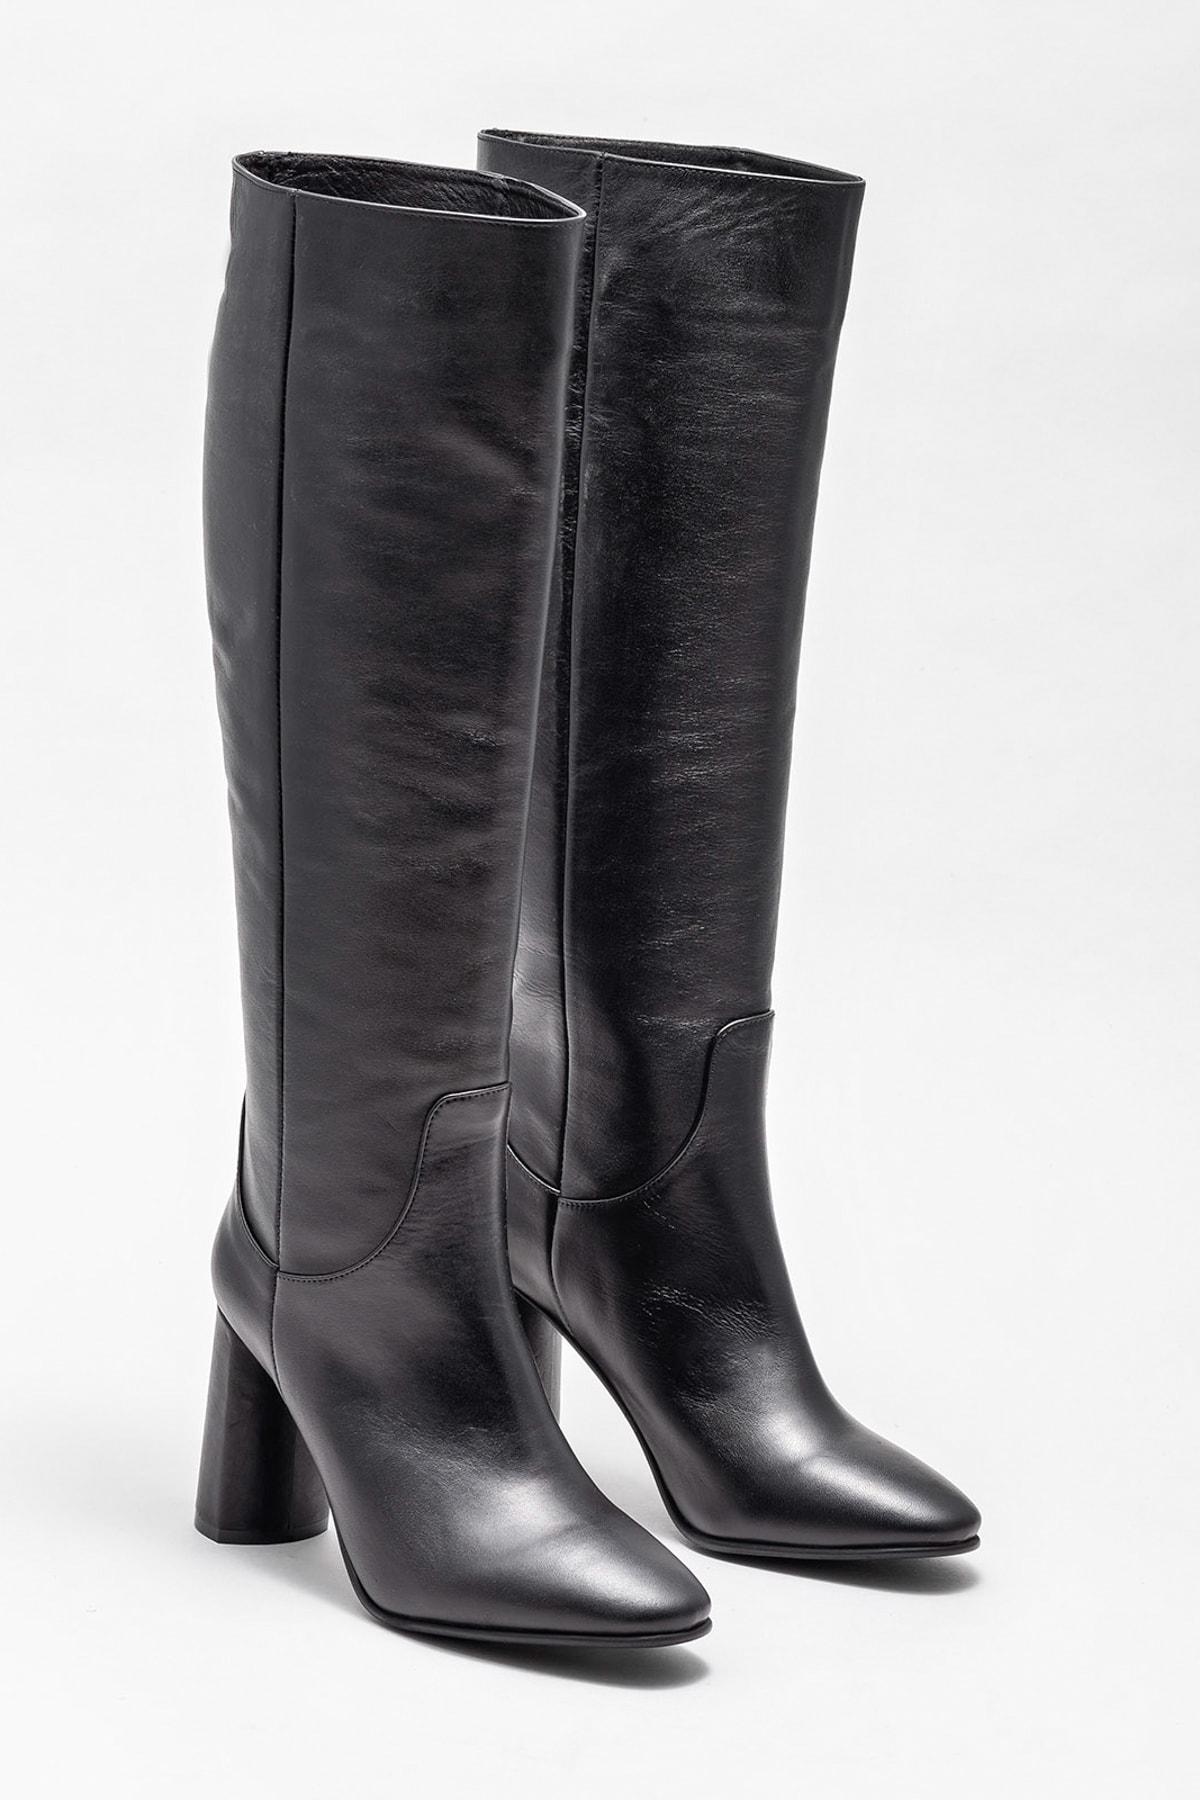 Elle Shoes Kadın Adrano-1 Sıyah Çizme 20K052 2